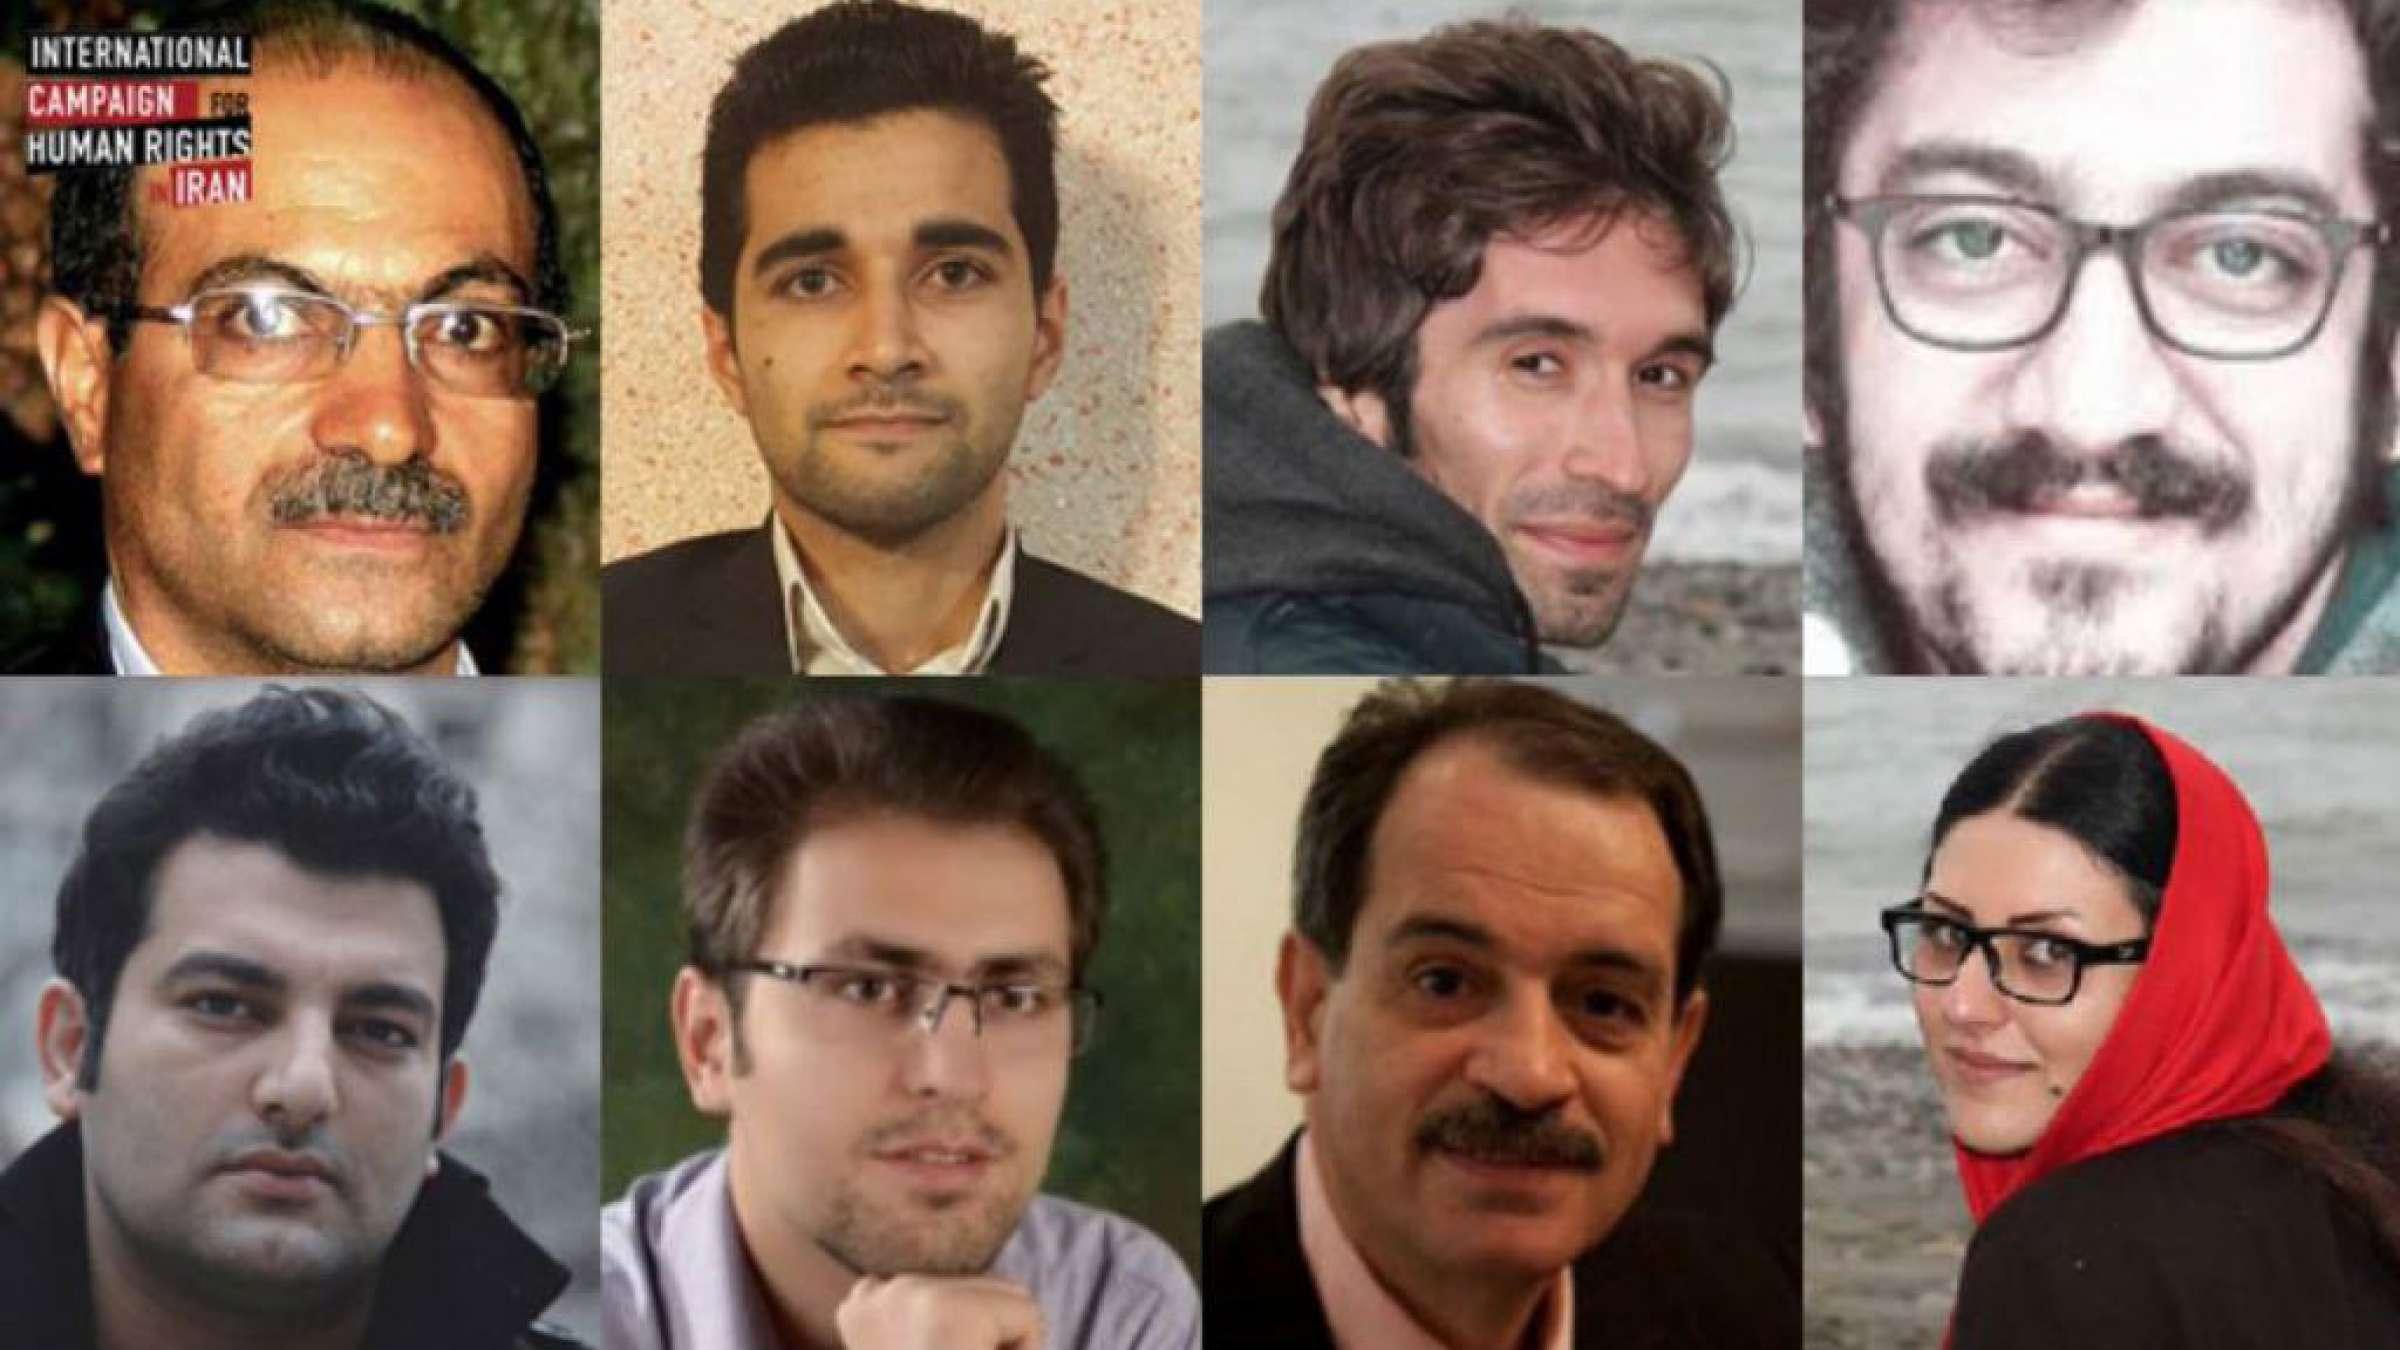 عمومی-رستمیجم-چرا-ایران-با-هزاران-سال-تاریخ-روز-خوش-آزادی-قلم-و-بیان-بخود-ندیده